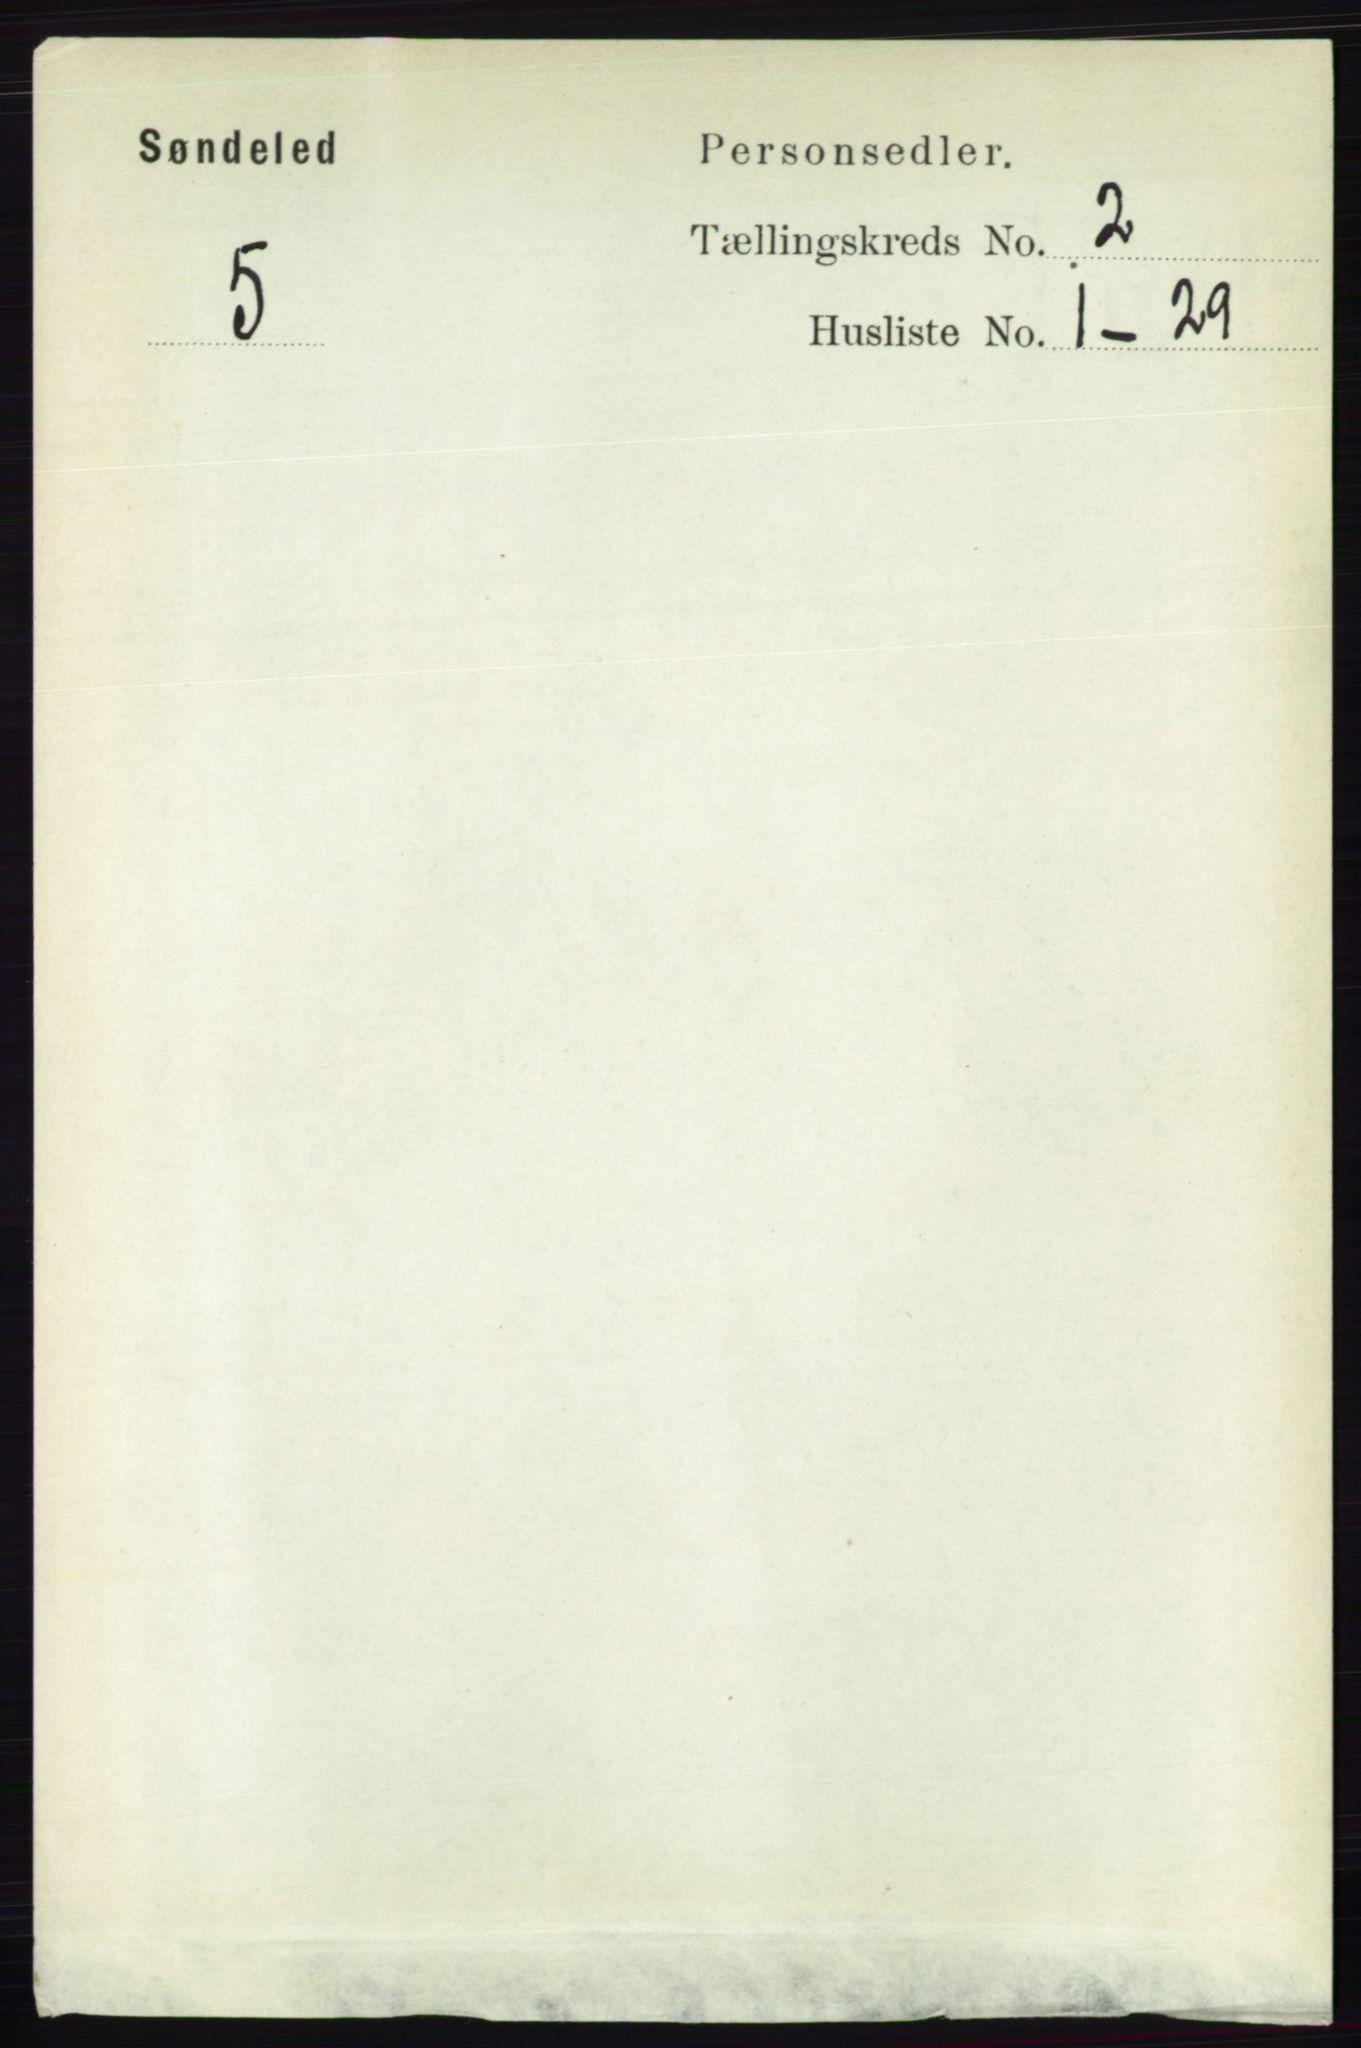 RA, Folketelling 1891 for 0913 Søndeled herred, 1891, s. 382